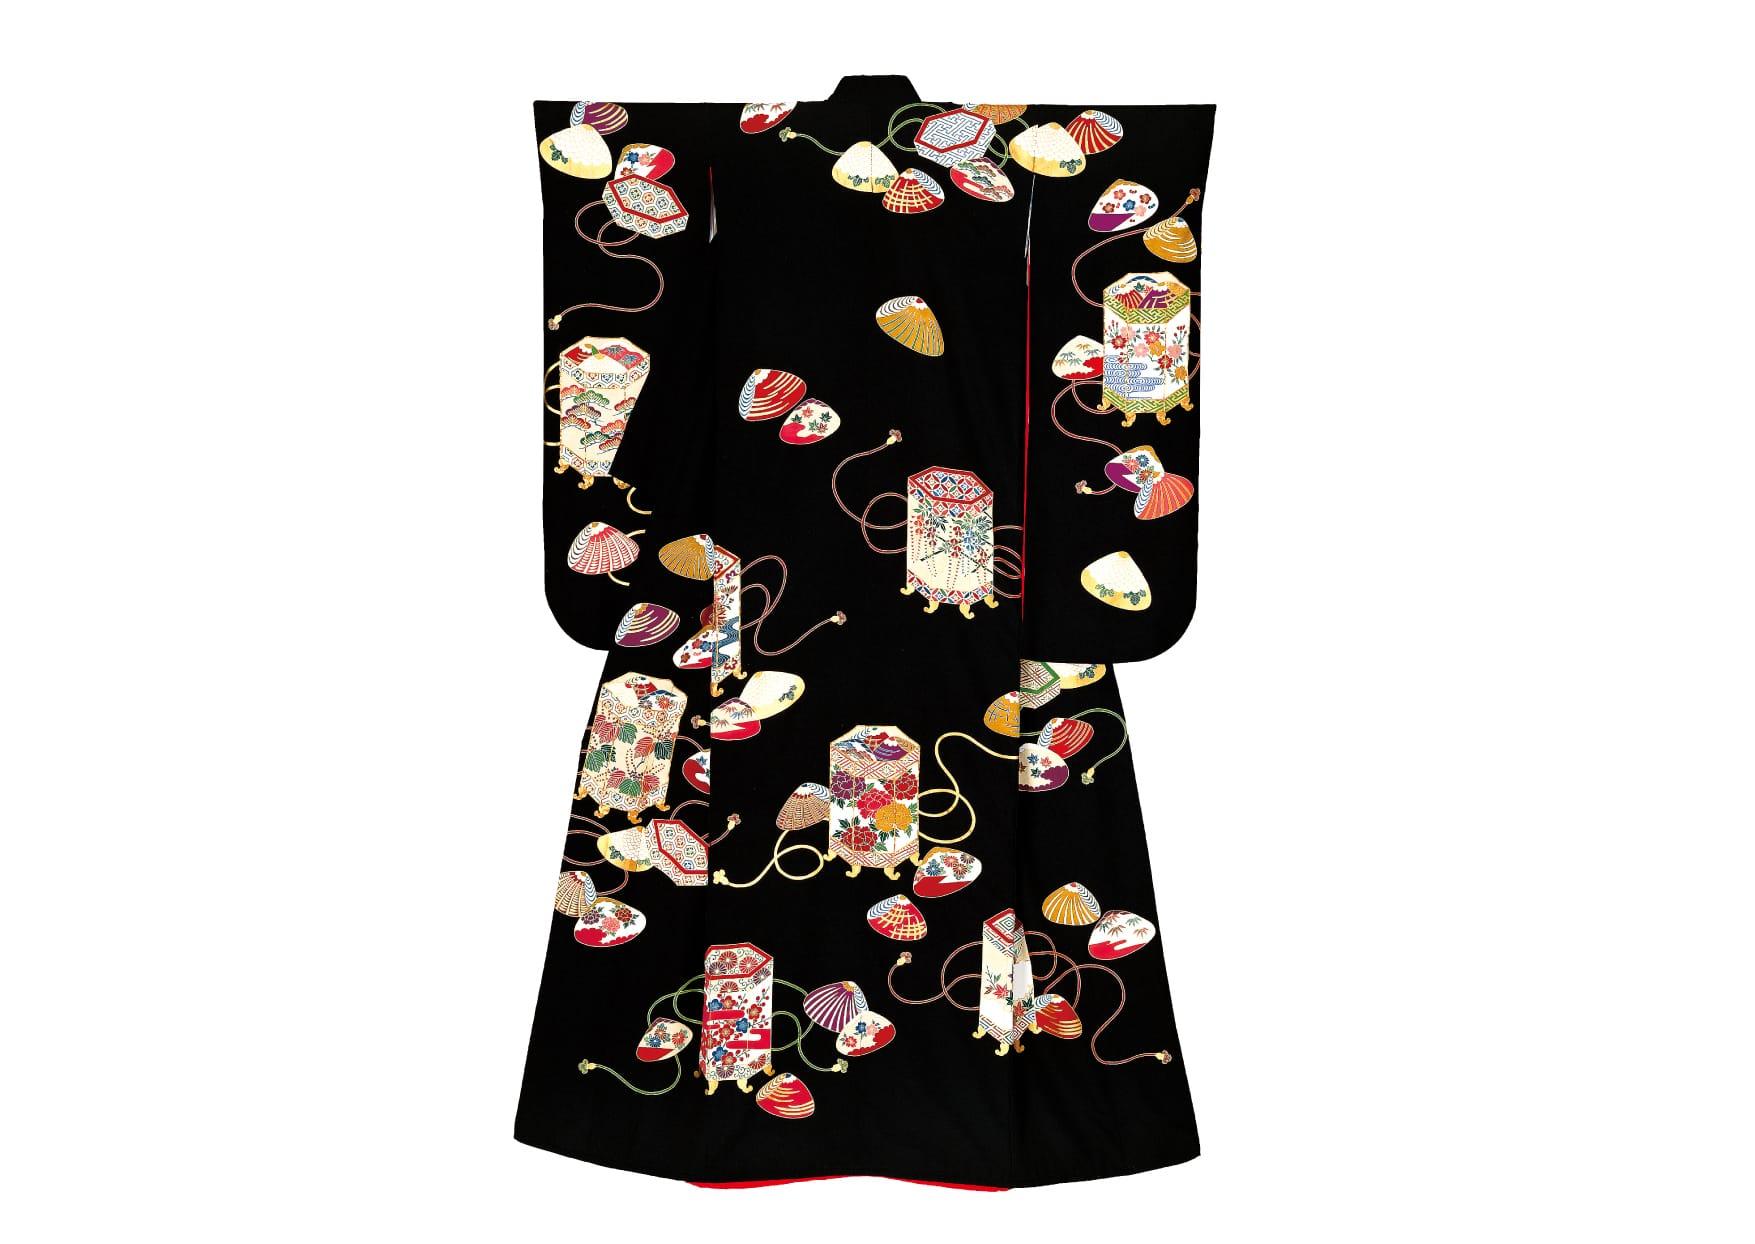 「黒地貝桶」(ハツコ エンドウ) 貝桶に描かれた四季の草花